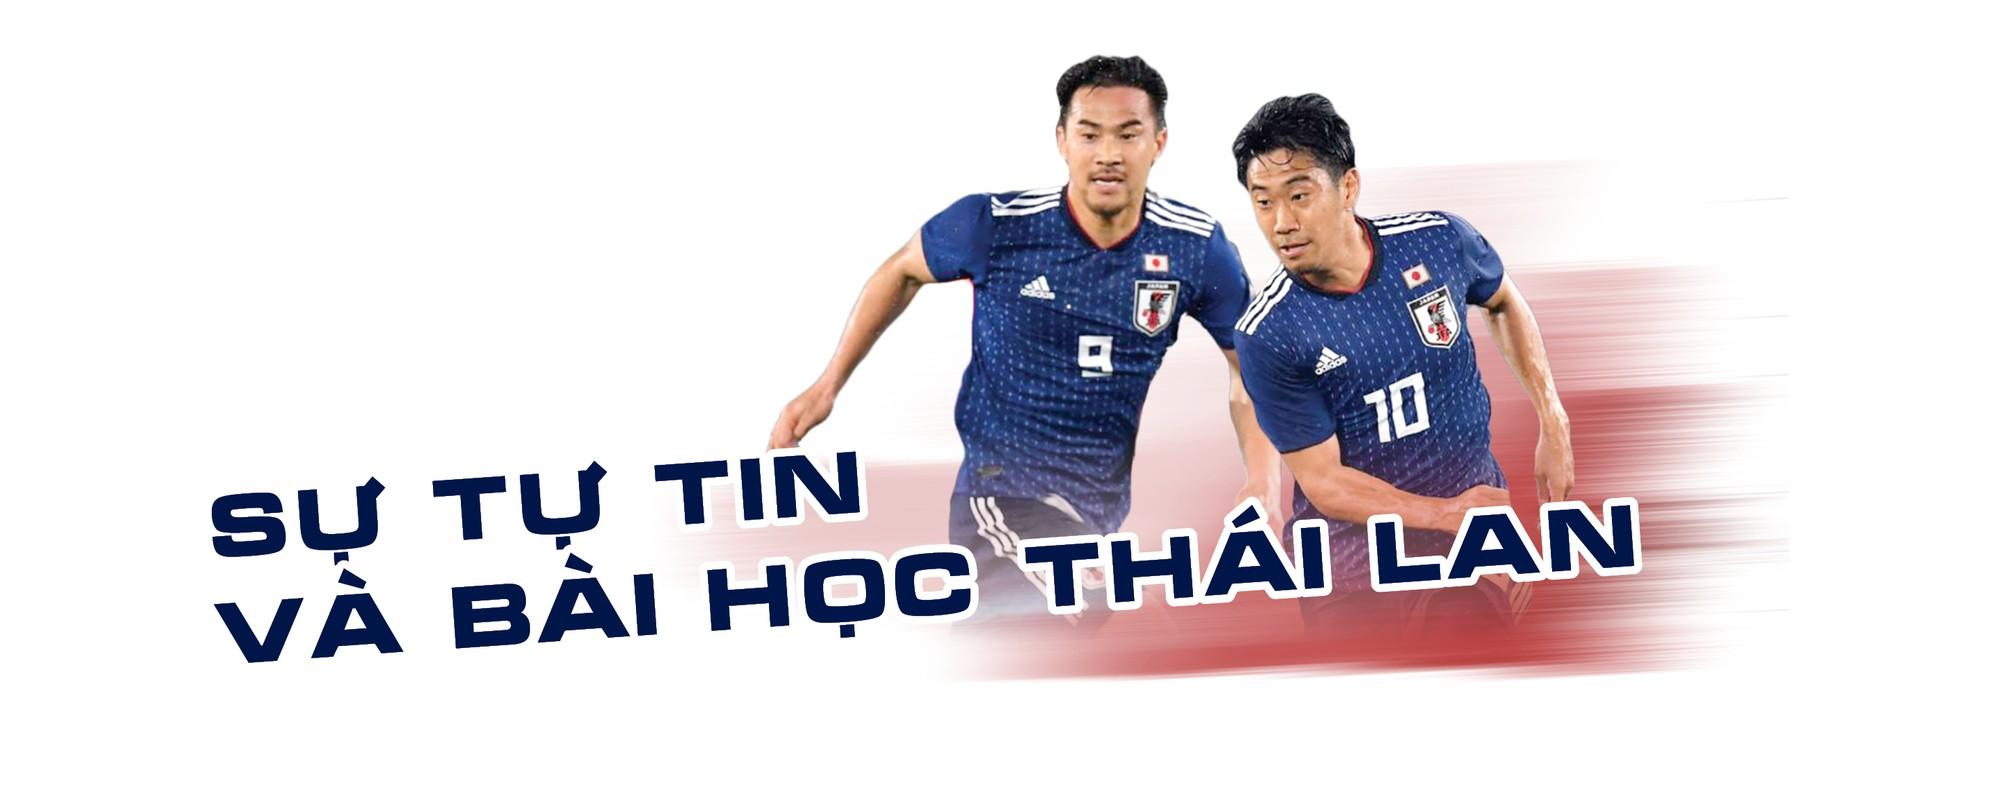 Nhật Bản -  đội tuyển châu Âu - Ảnh 3.